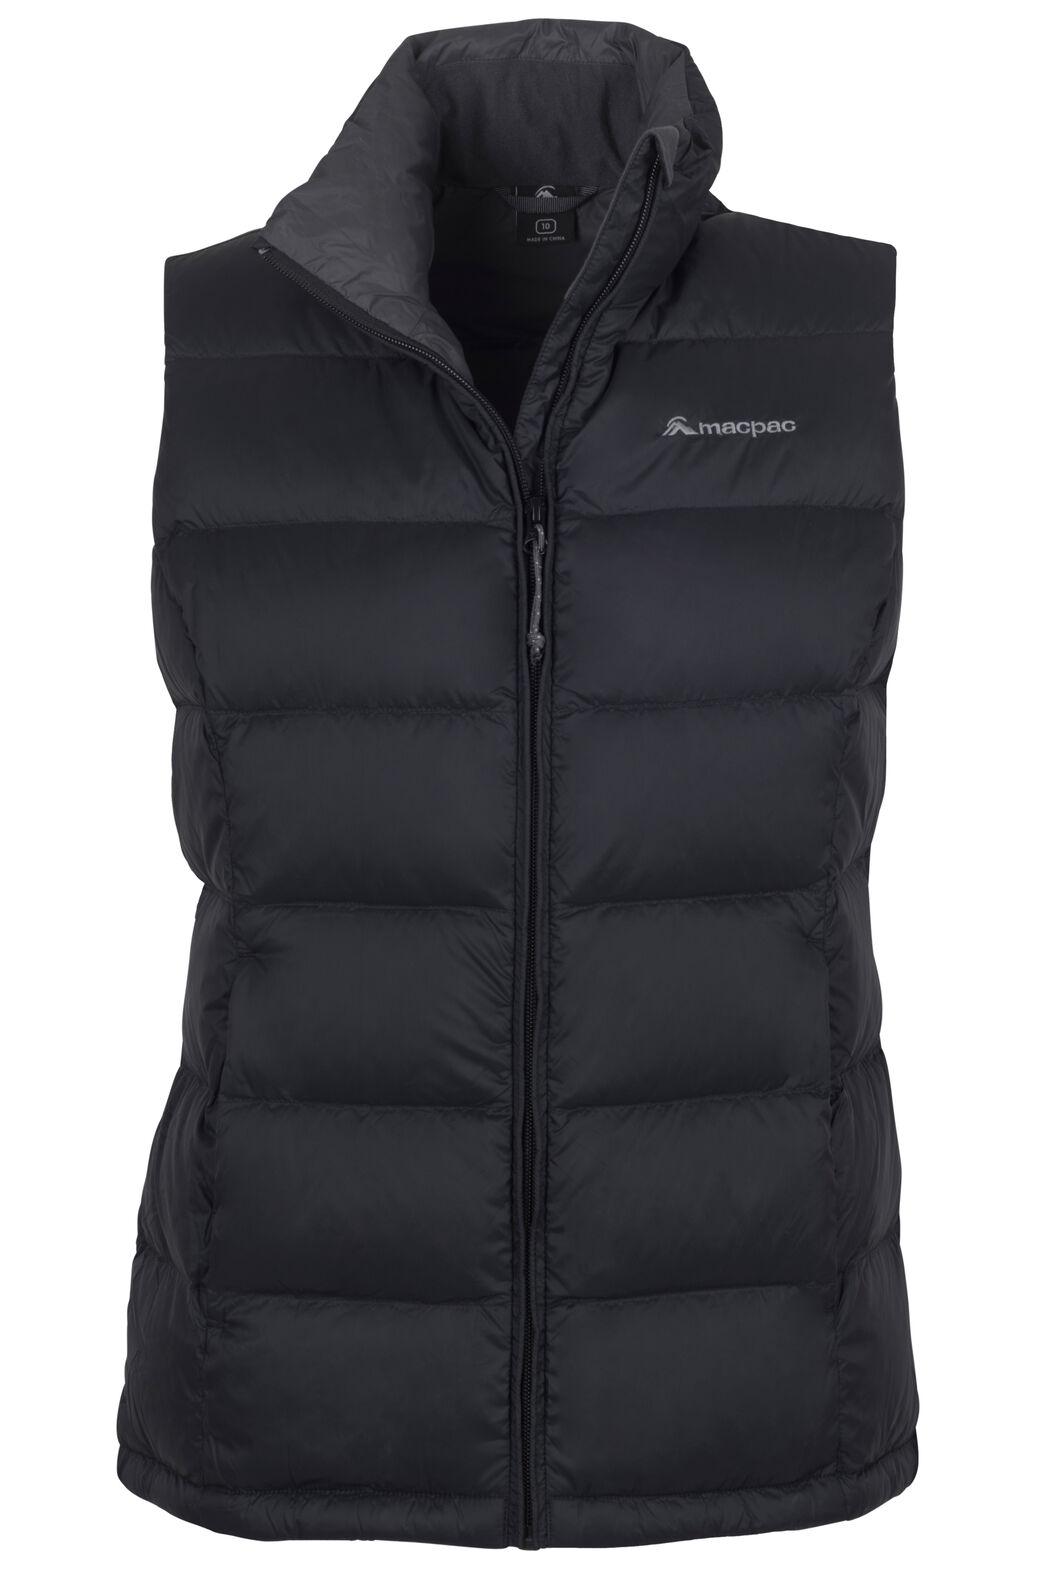 Macpac Women's Halo Down Vest, Black, hi-res